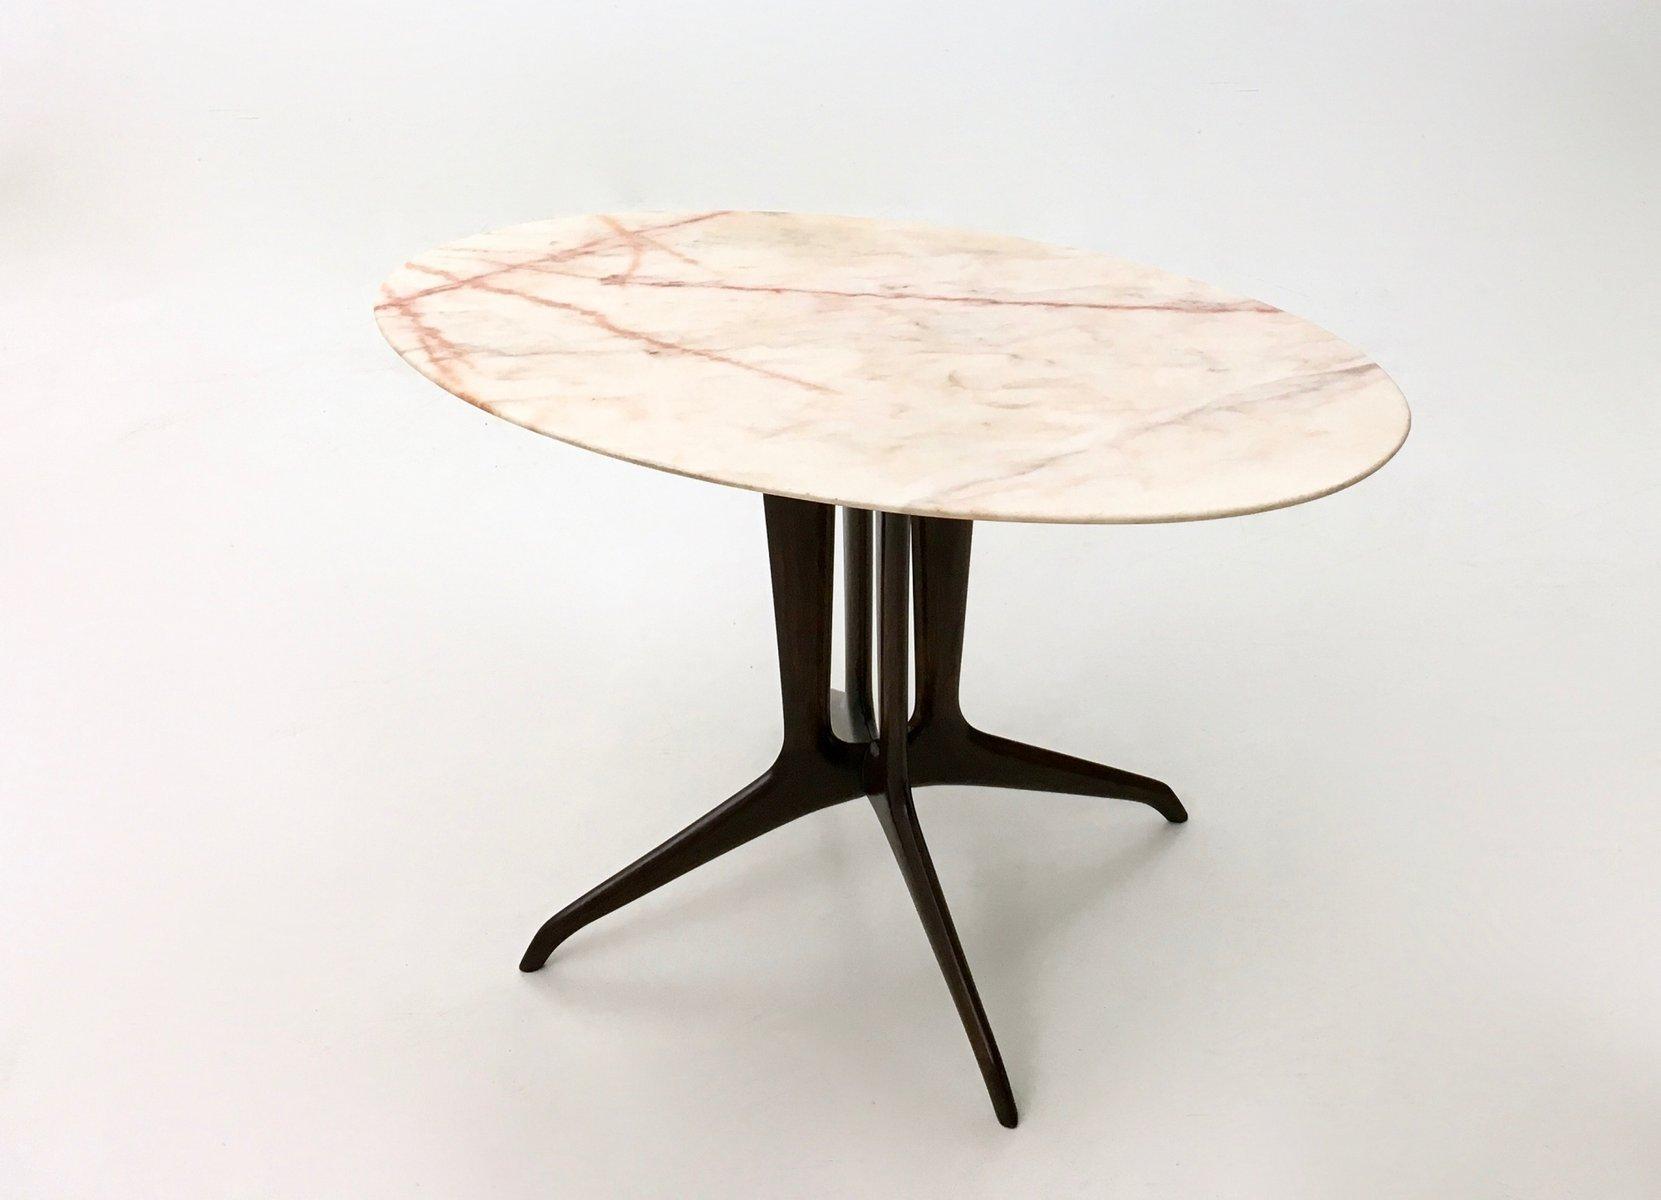 table basse avec plateau de marbre portugais italie 1950s en vente sur pamono. Black Bedroom Furniture Sets. Home Design Ideas